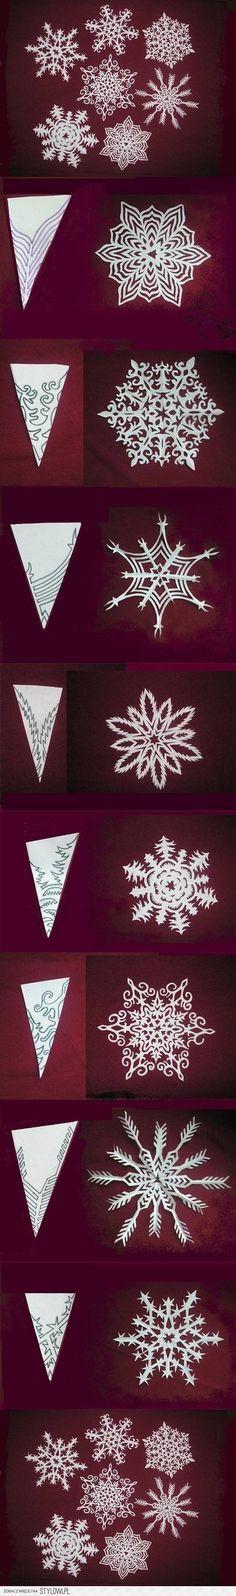 Papier Schneeflocken basteln